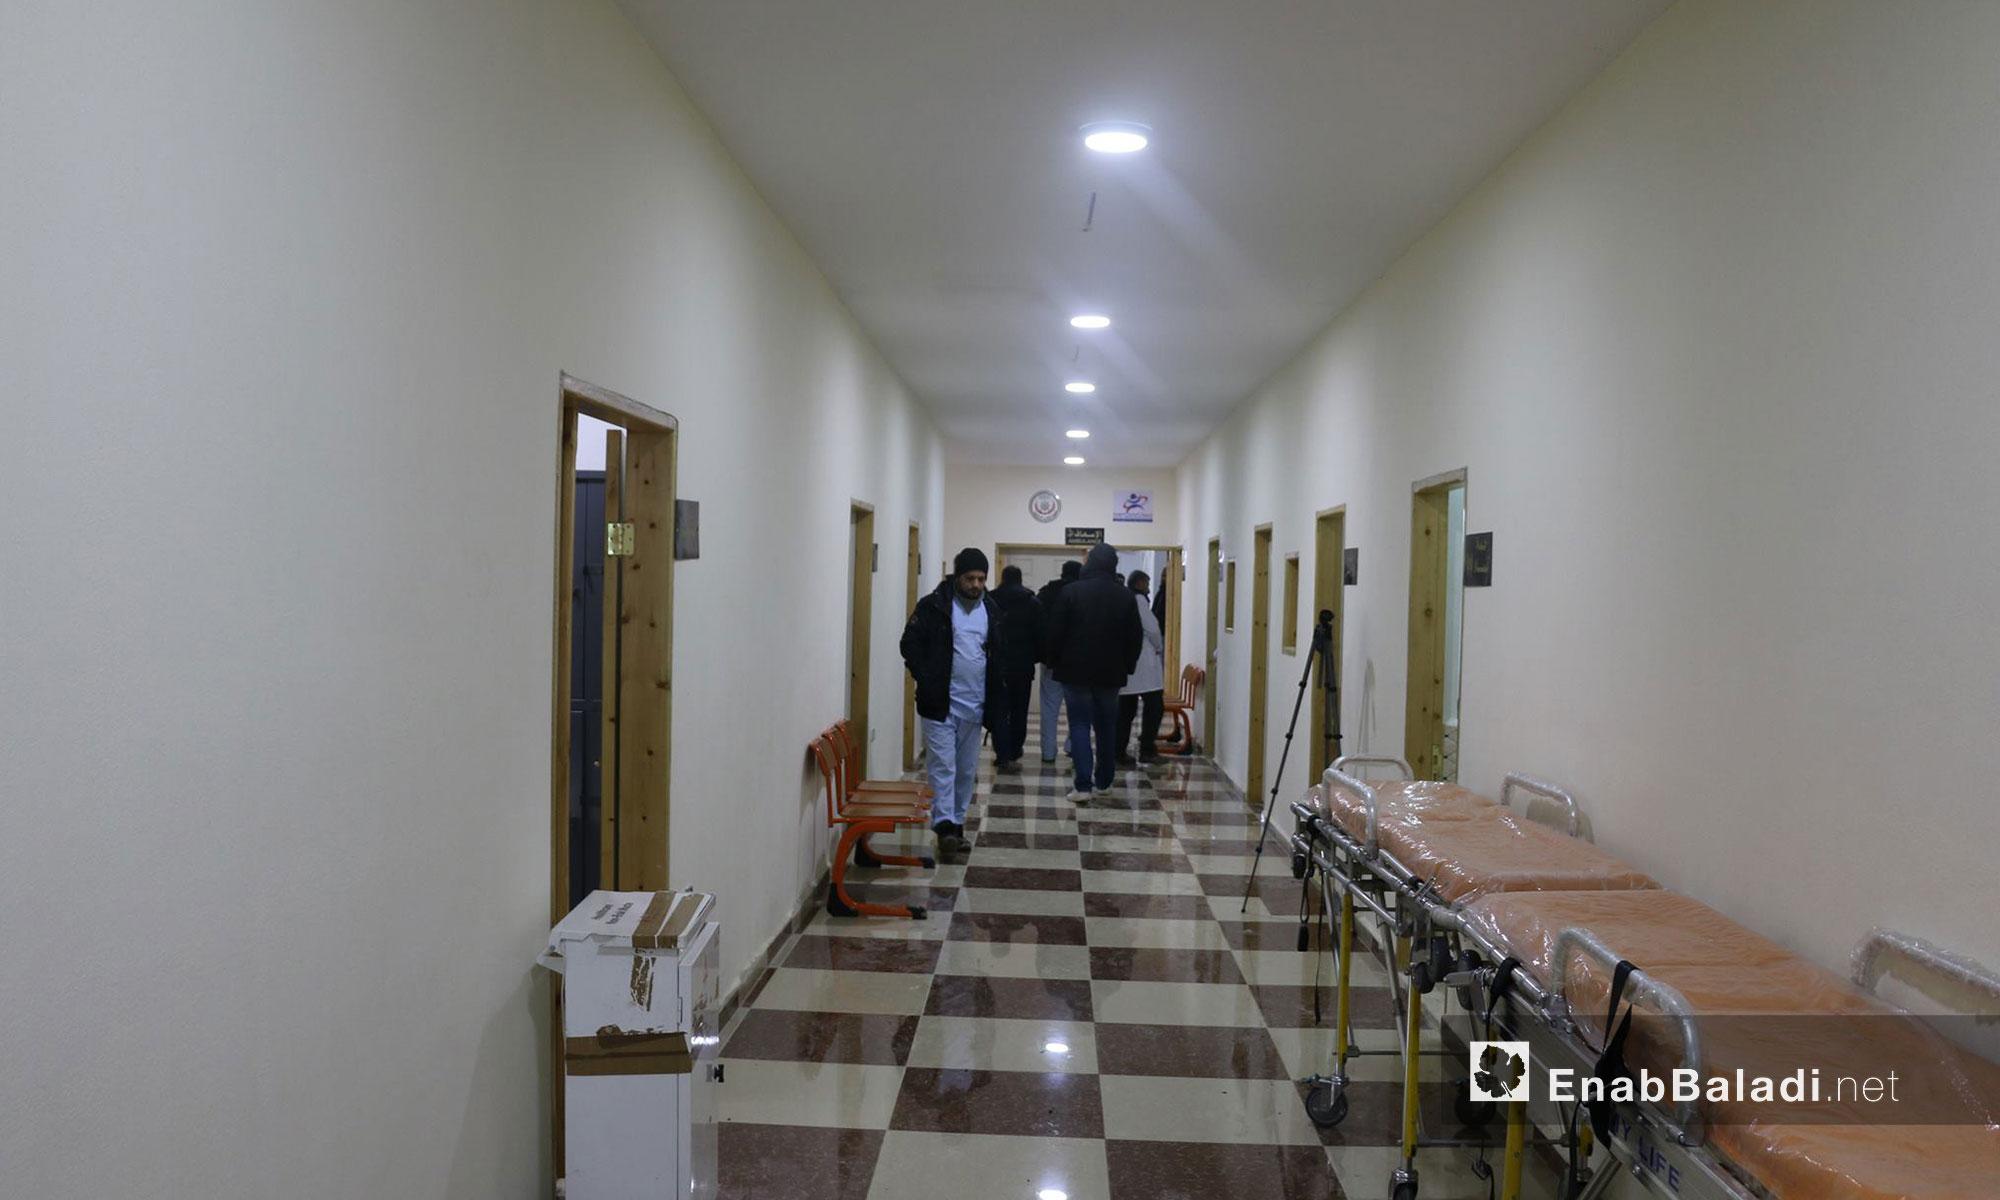 """افتتاح مستشفى """"الساحل"""" التخصصي في ريف اللاذقية - 16 كانون الثاني 2016 (عنب بلدي)"""